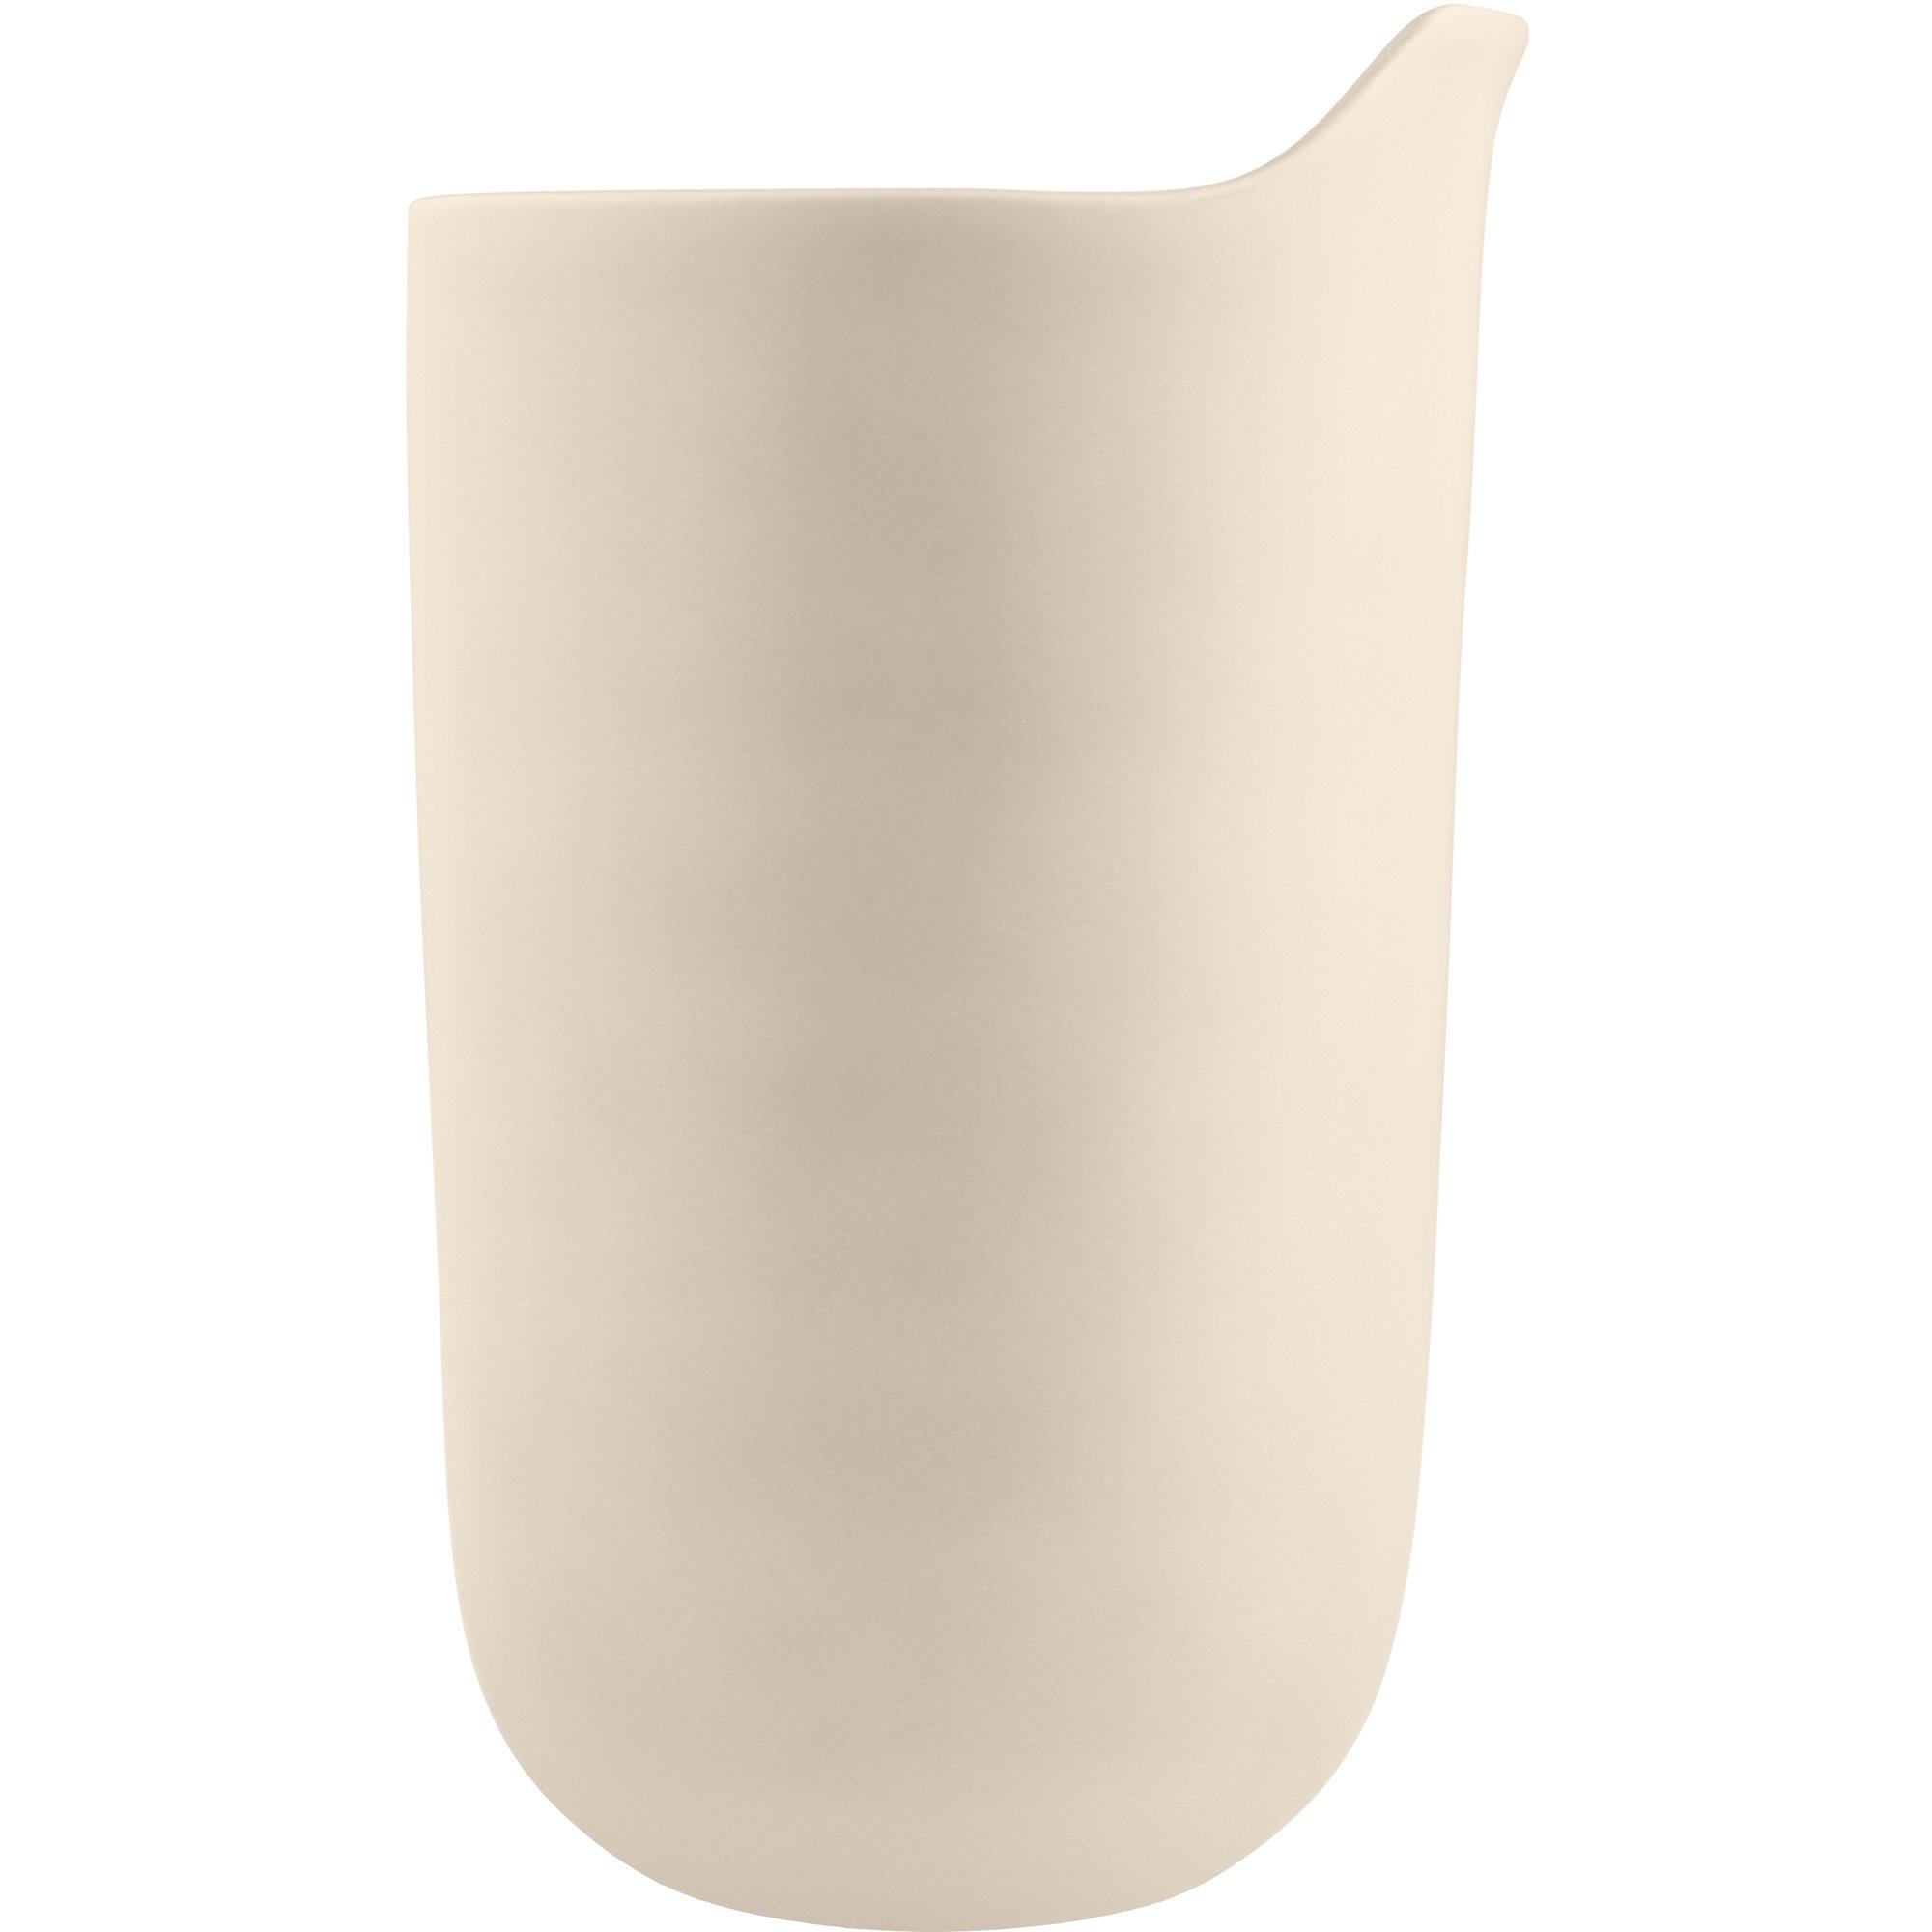 Eva Solo Termomugg i keramik 028 liter Sand